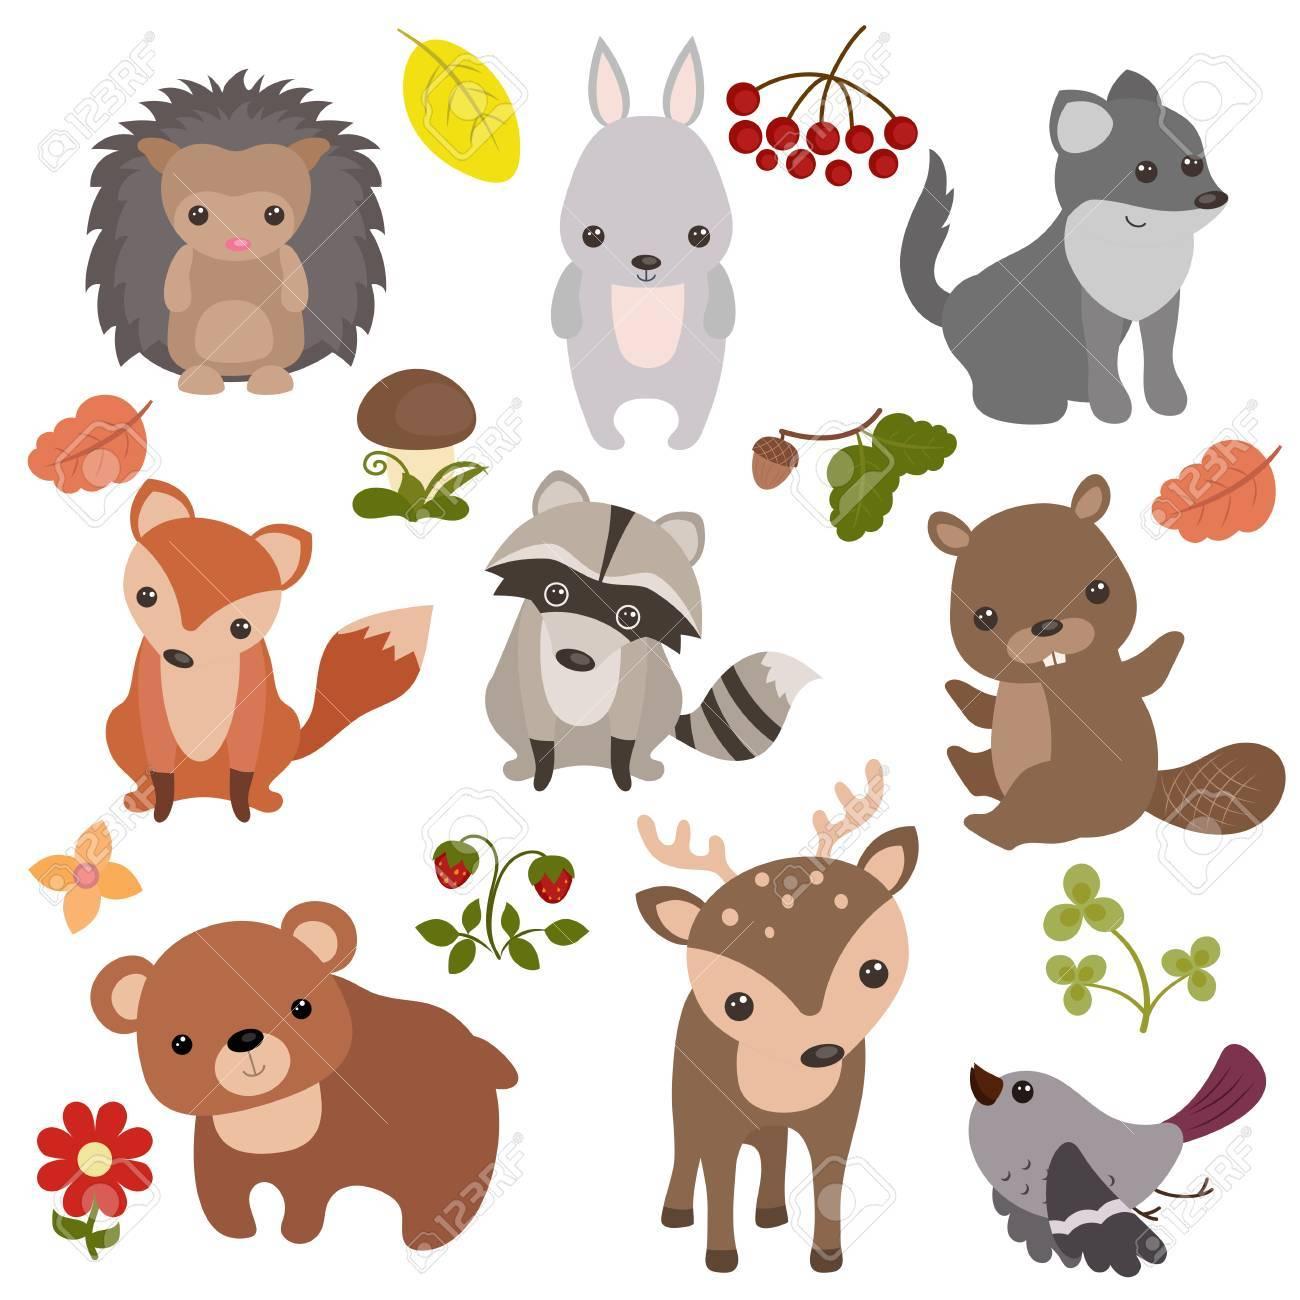 アイコンとイラストの森の動物のベクトルを設定します。